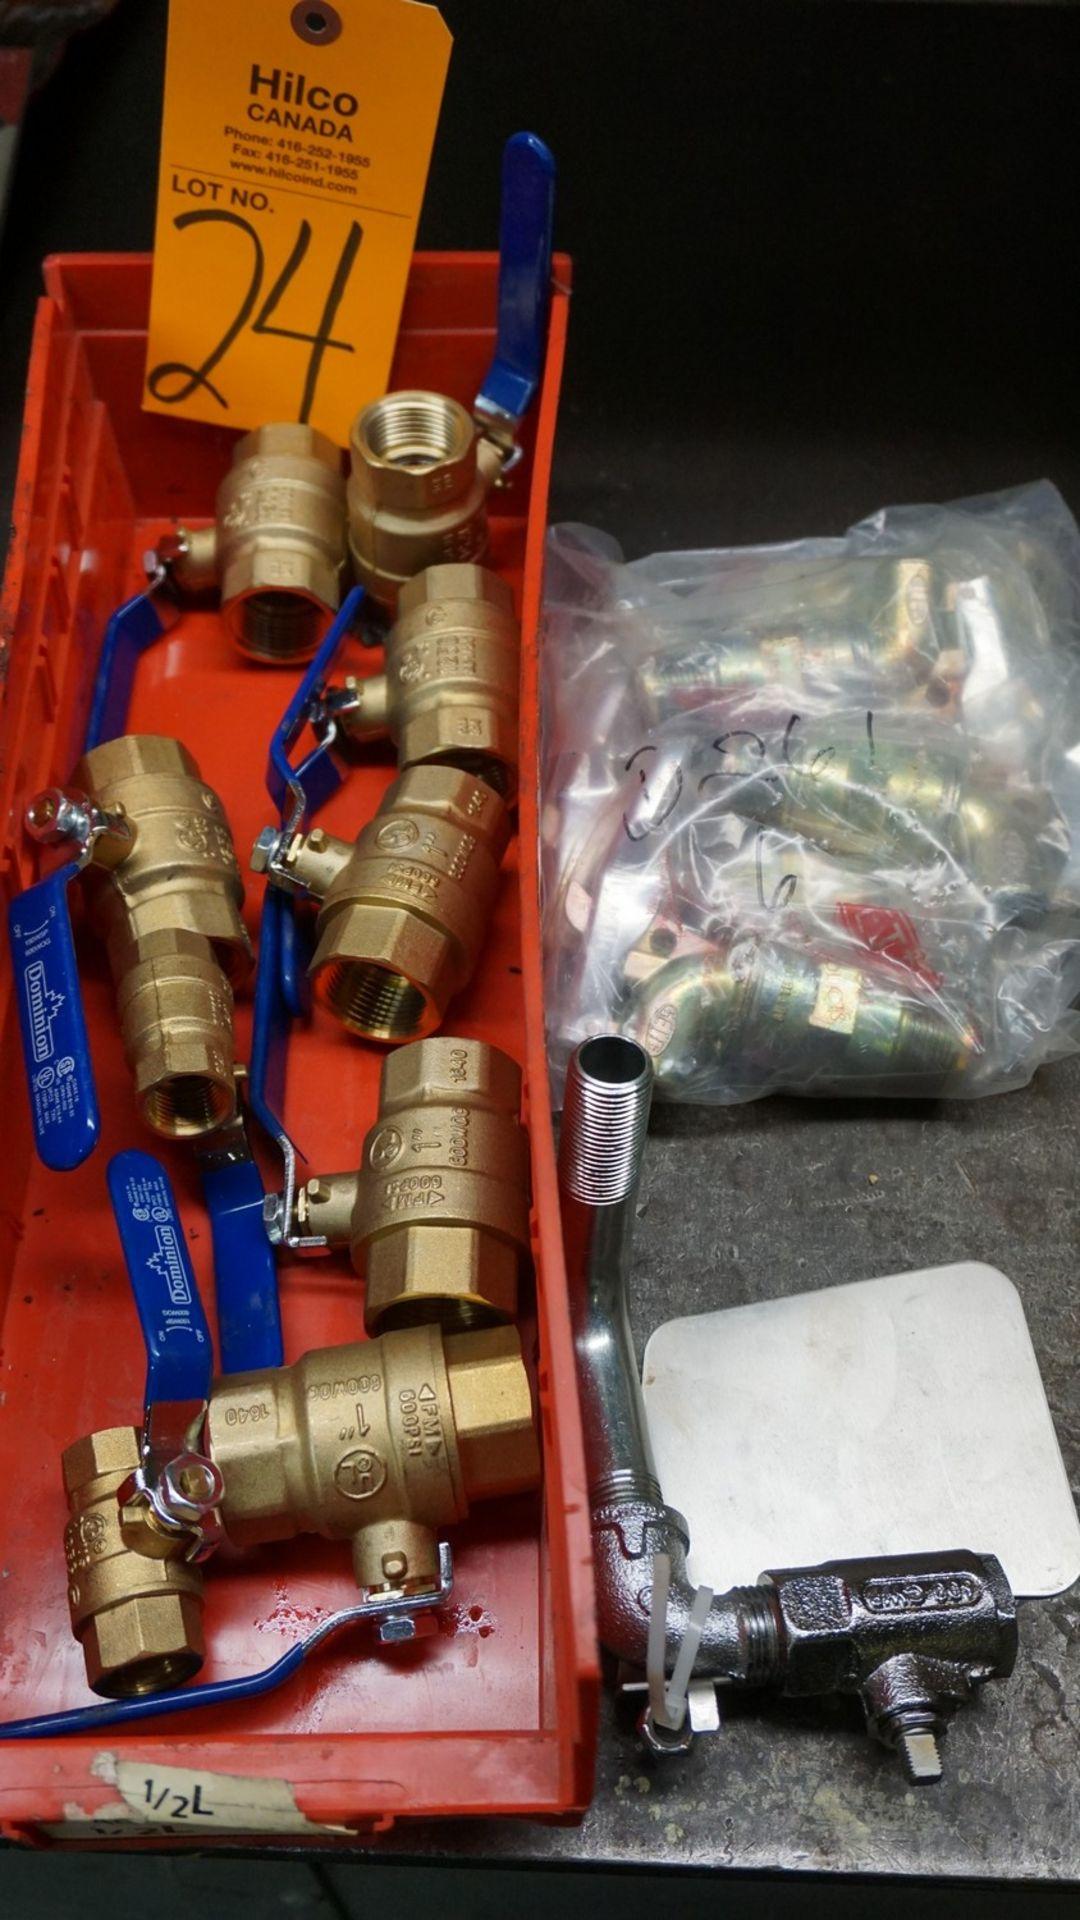 """Lot 24 - Lot of Asst. 1"""", 3/4"""", 1/2"""" Brass Valves, Faucet"""